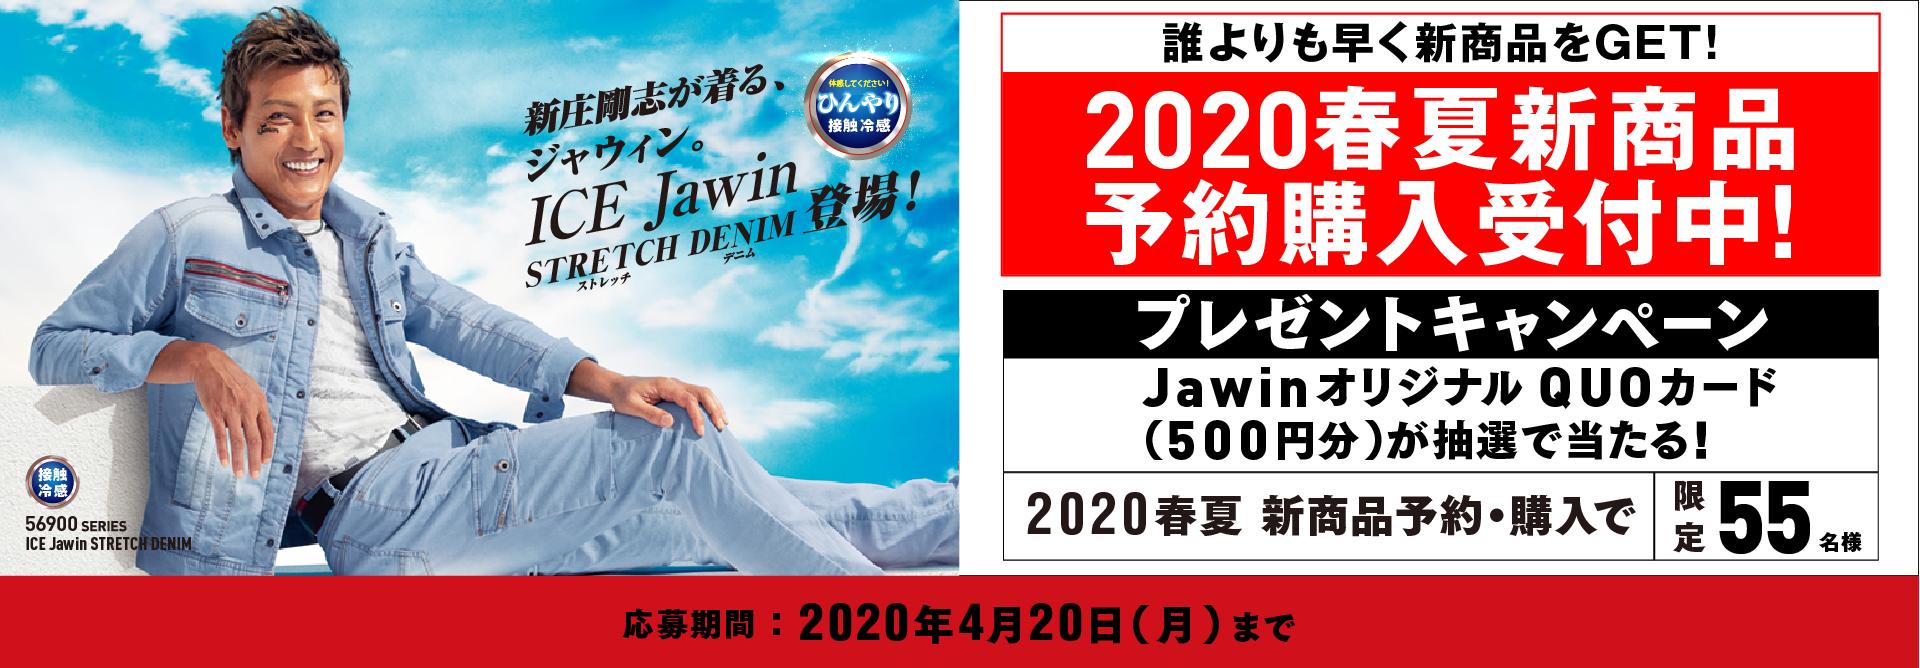 新庄剛志が着る、ジャウィン。新商品の予約購入限定、オリジナルQUOカードが抽選55名様に当たるキャンペーン!